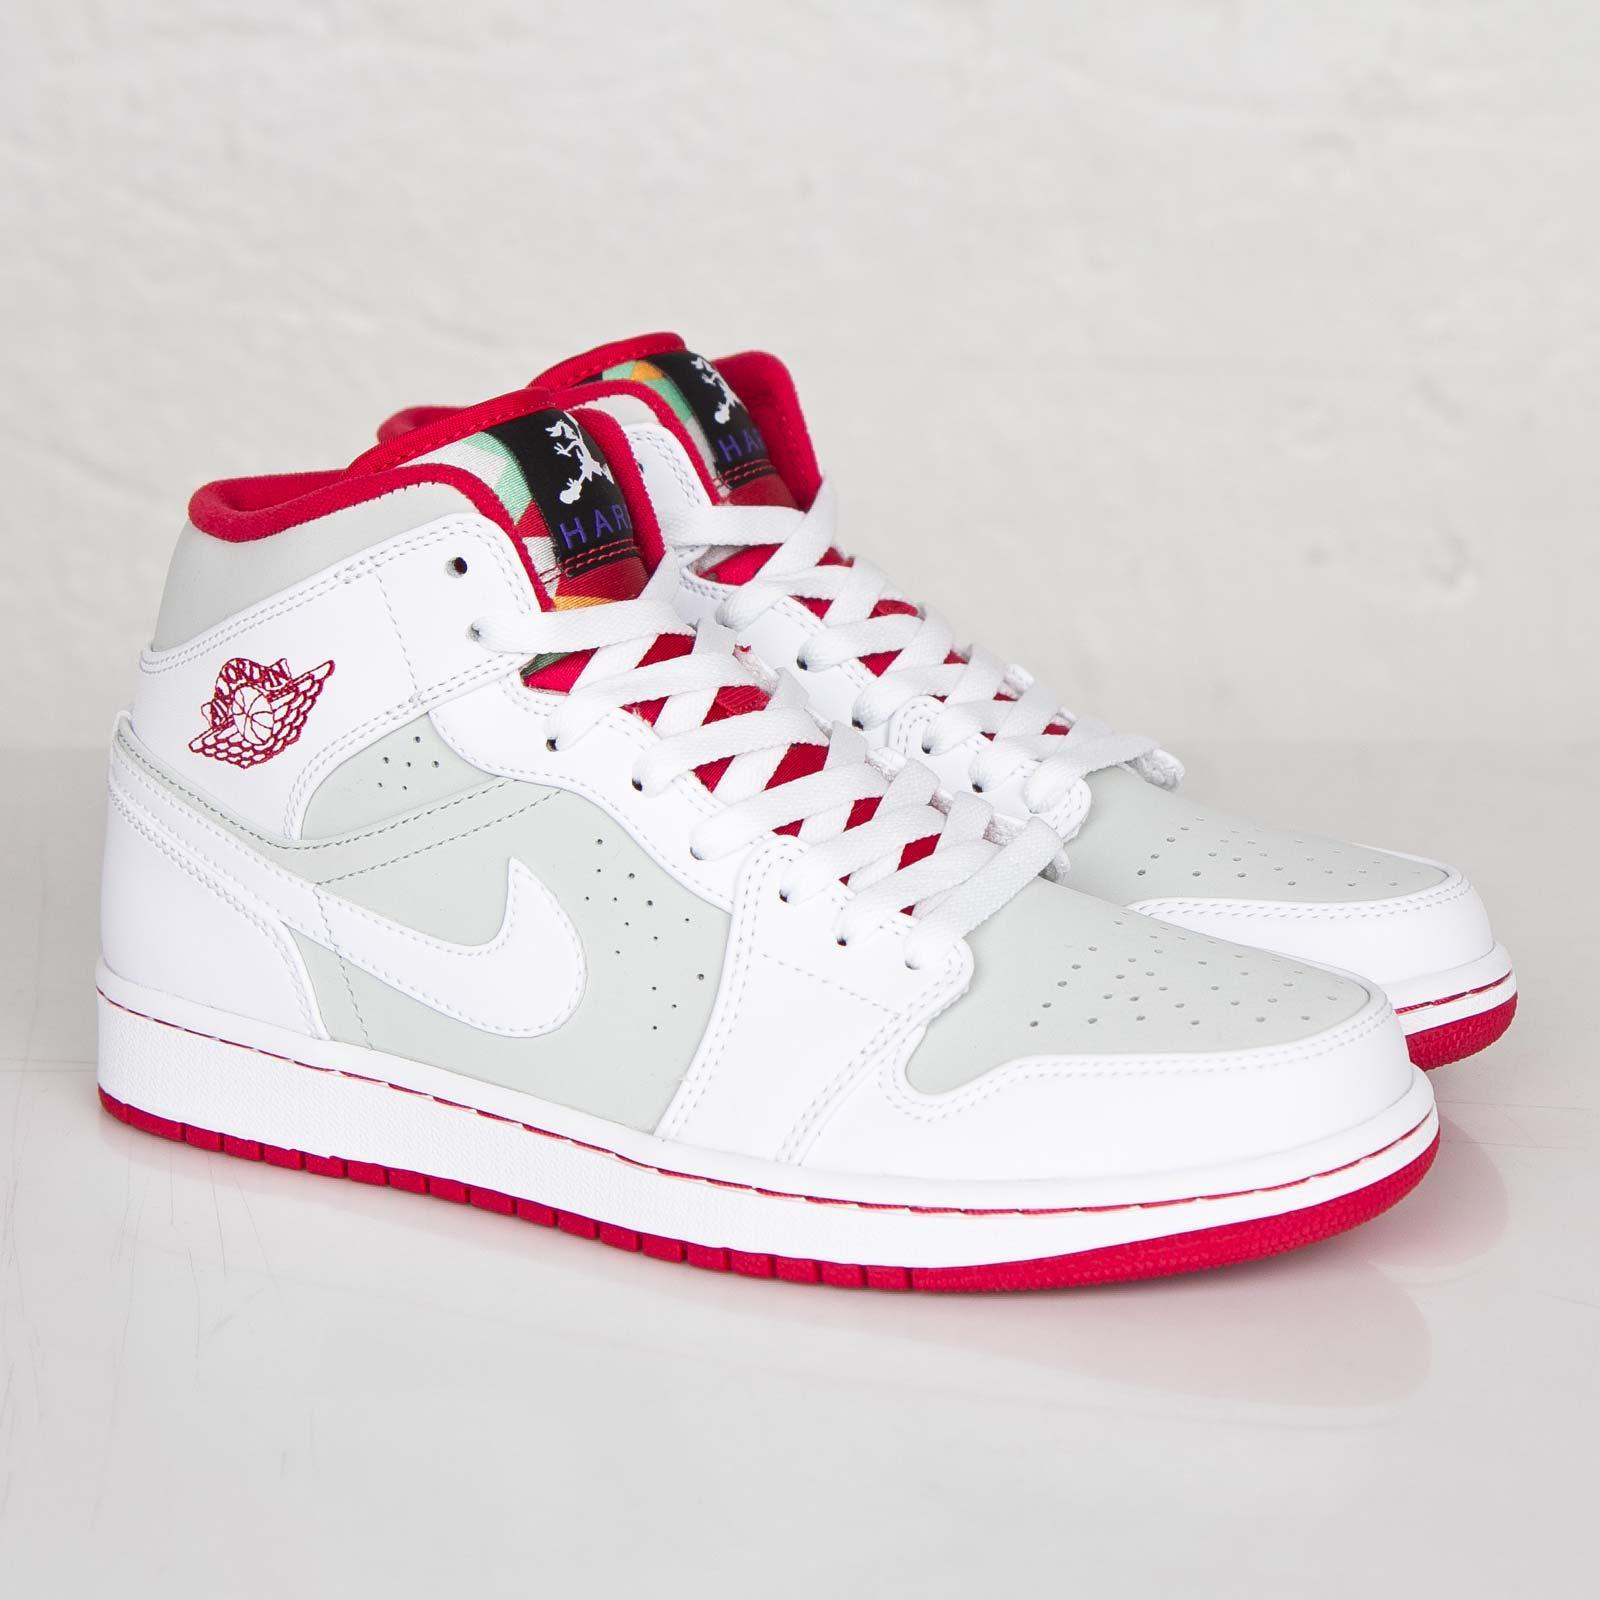 cbf99c696a116d Jordan Brand Air Jordan 1 Mid WB - 719551-123 - Sneakersnstuff ...